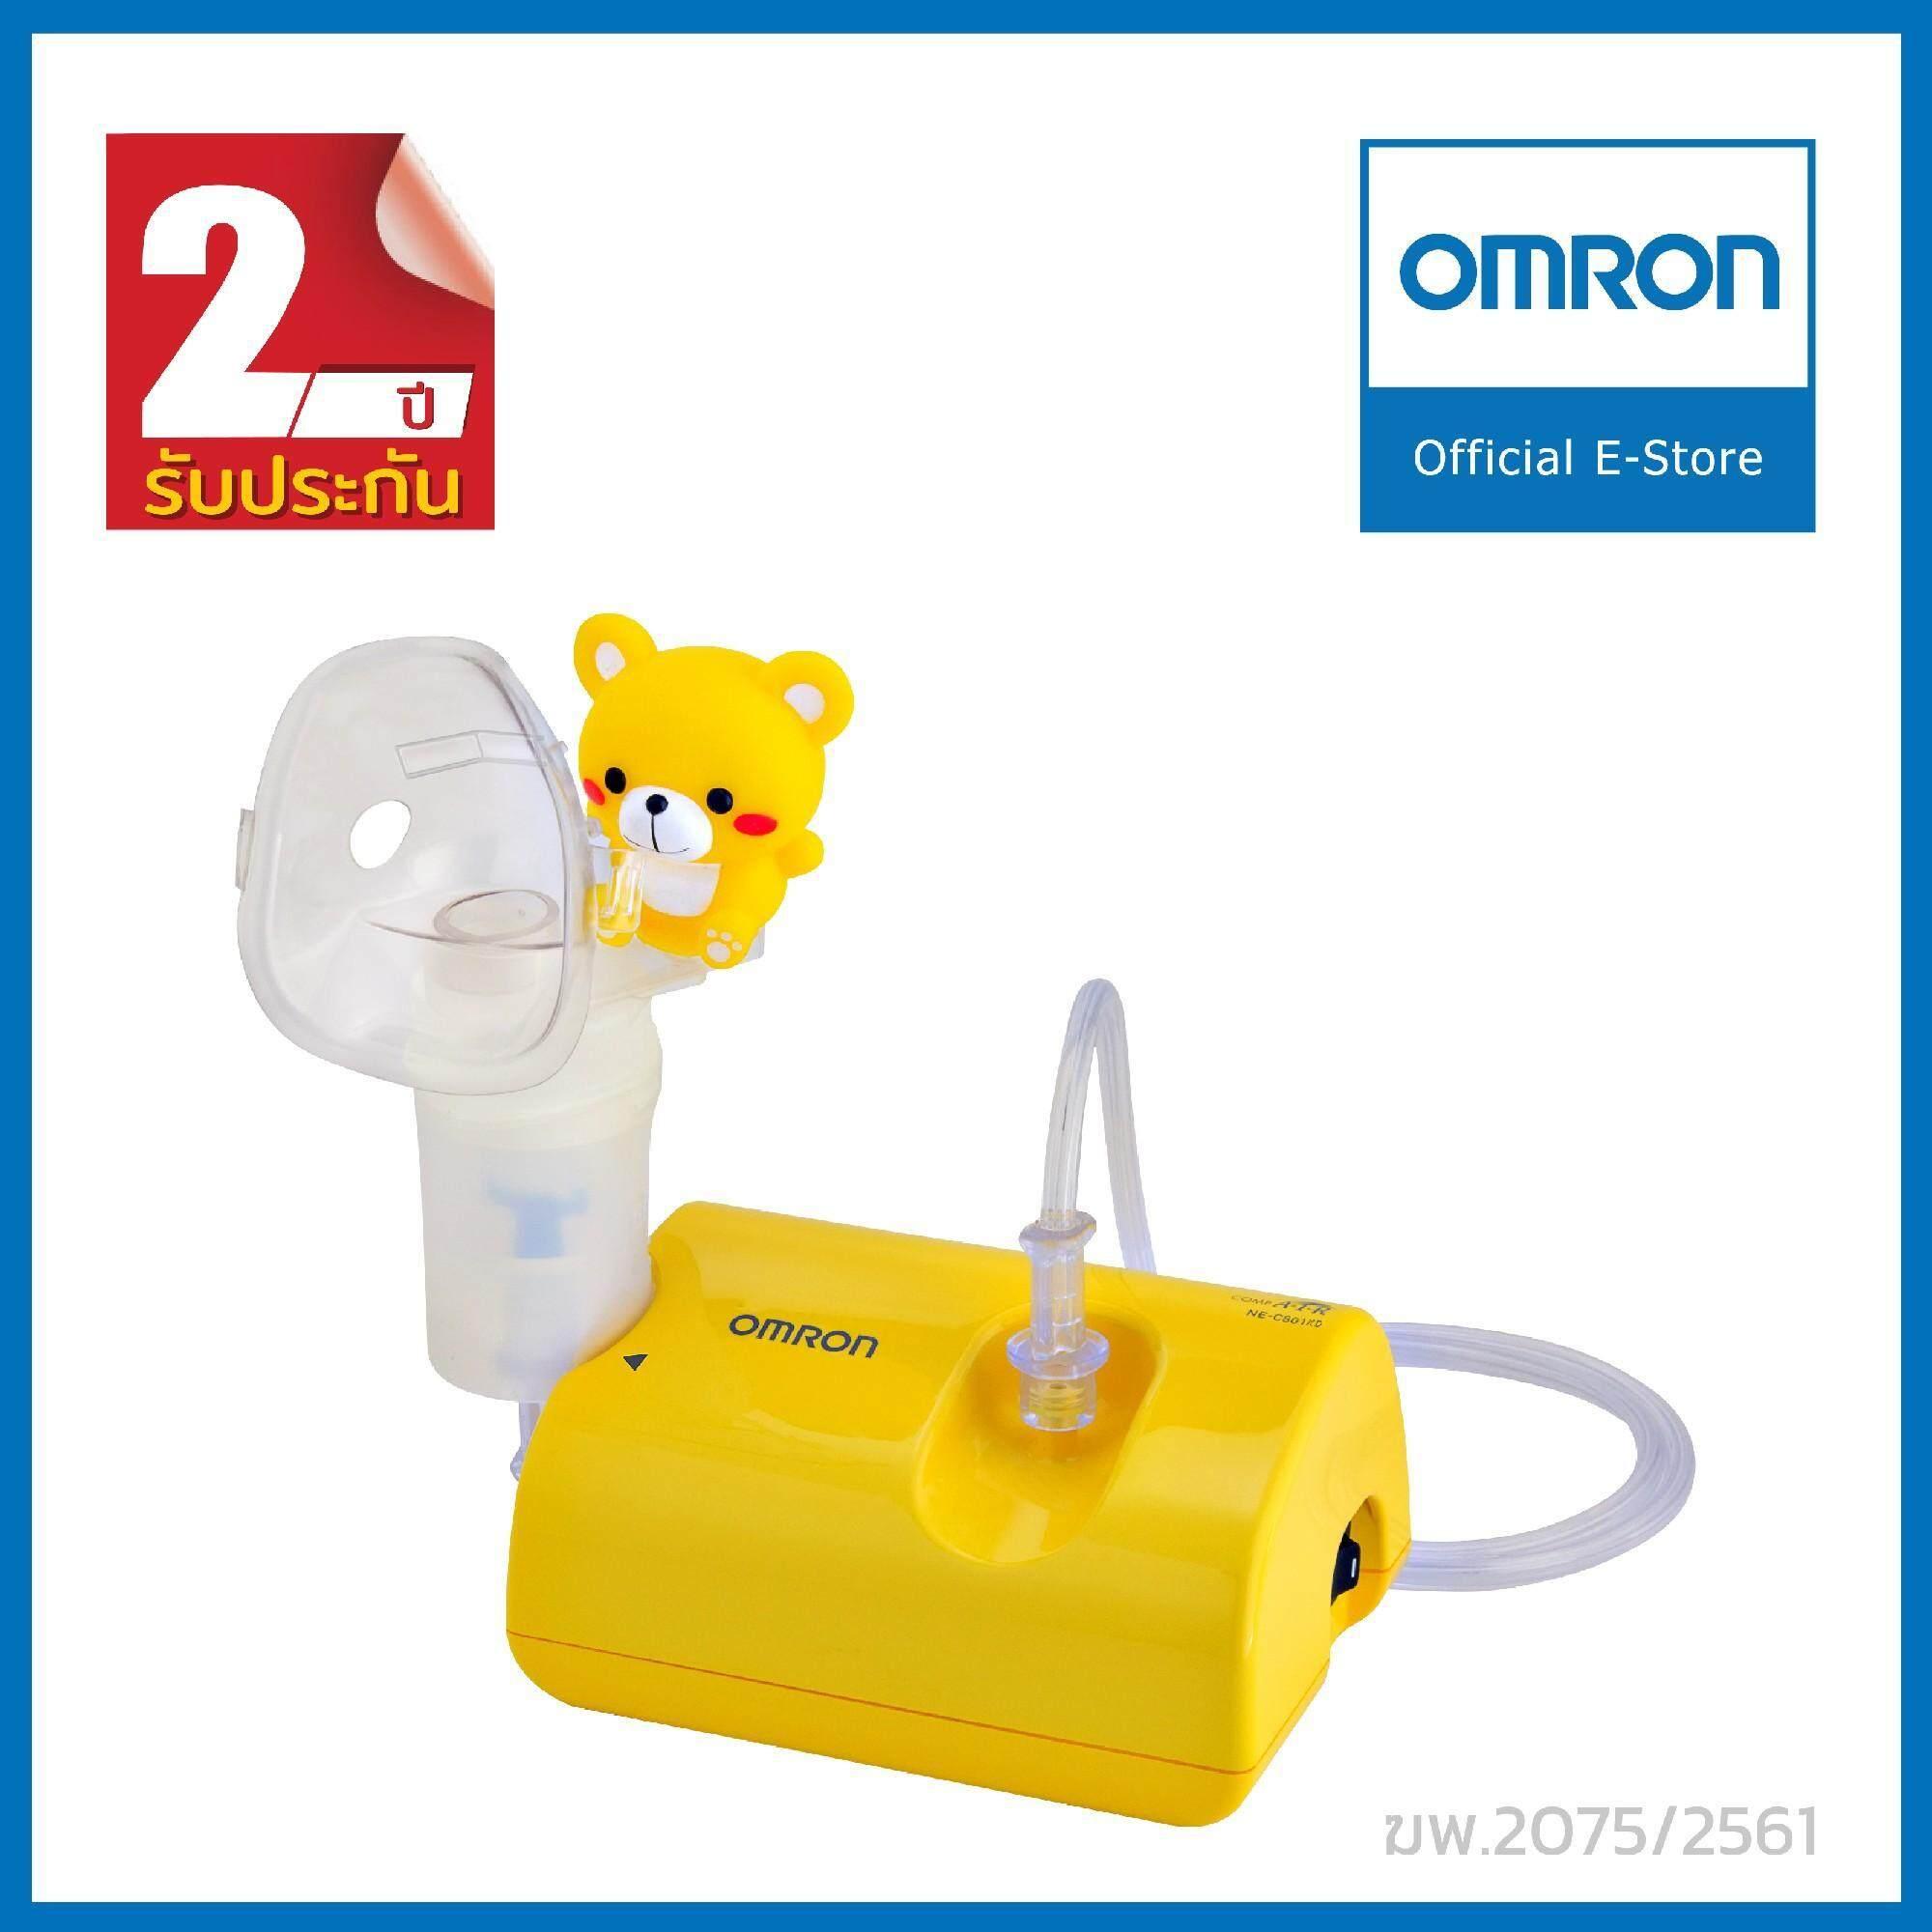 Omron Nebulizer Ne-C801kd เครื่องพ่นยาออมรอน รุ่น Ne-C801kd By Omron Thailand.